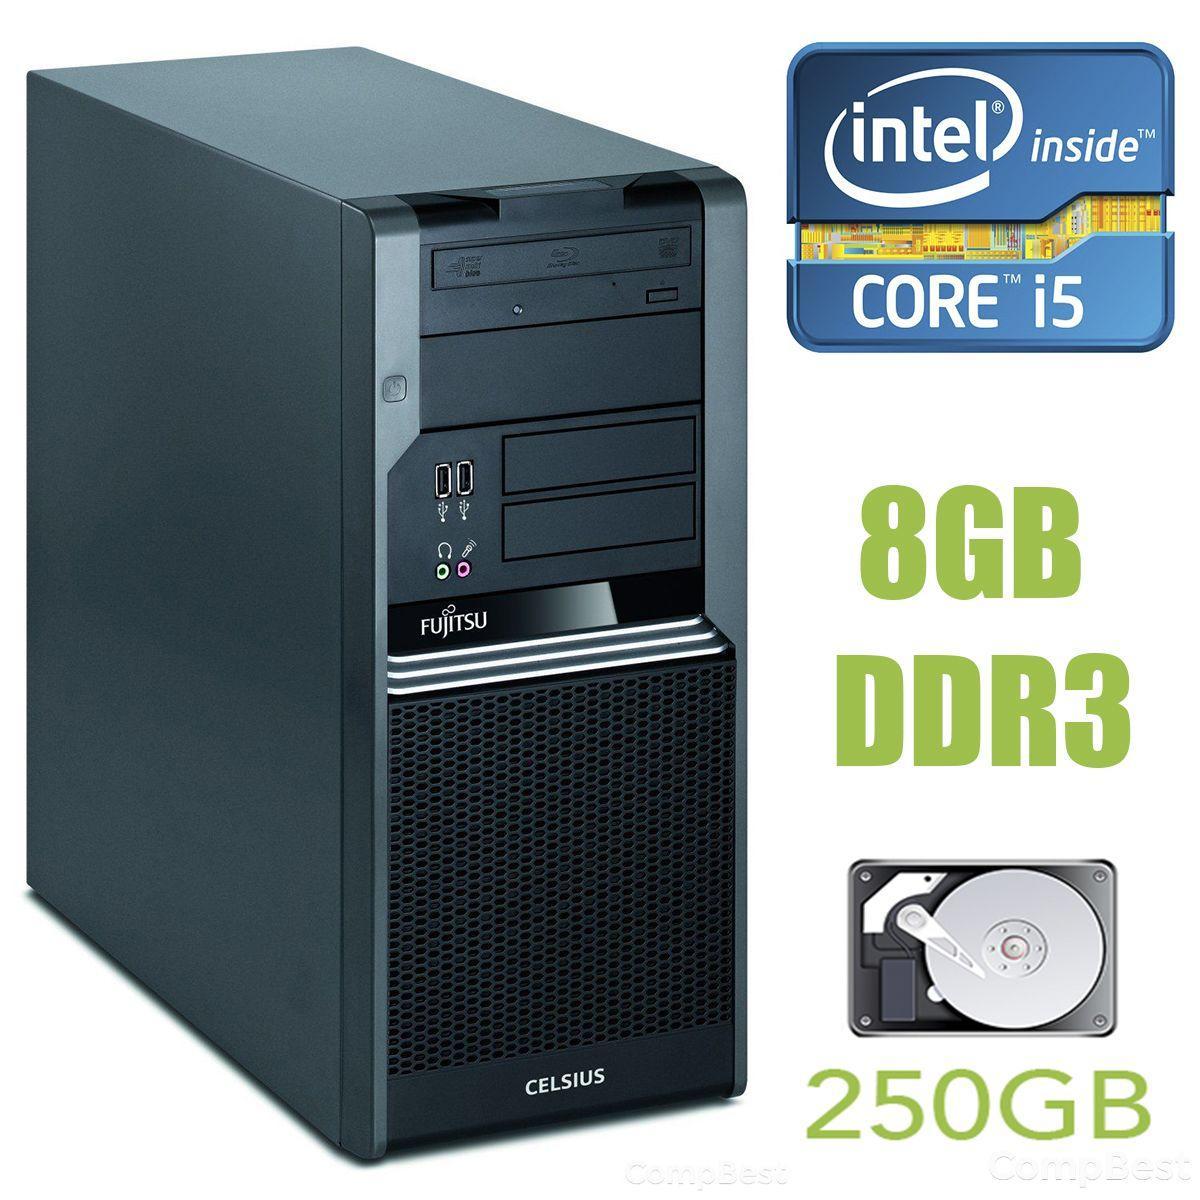 Fujitsu Celsius W380 MT / Intel Core i5-650 (2(4) ядра по 3.2 - 3.46GHz) / 8GB DDR3 / 250GB HDD